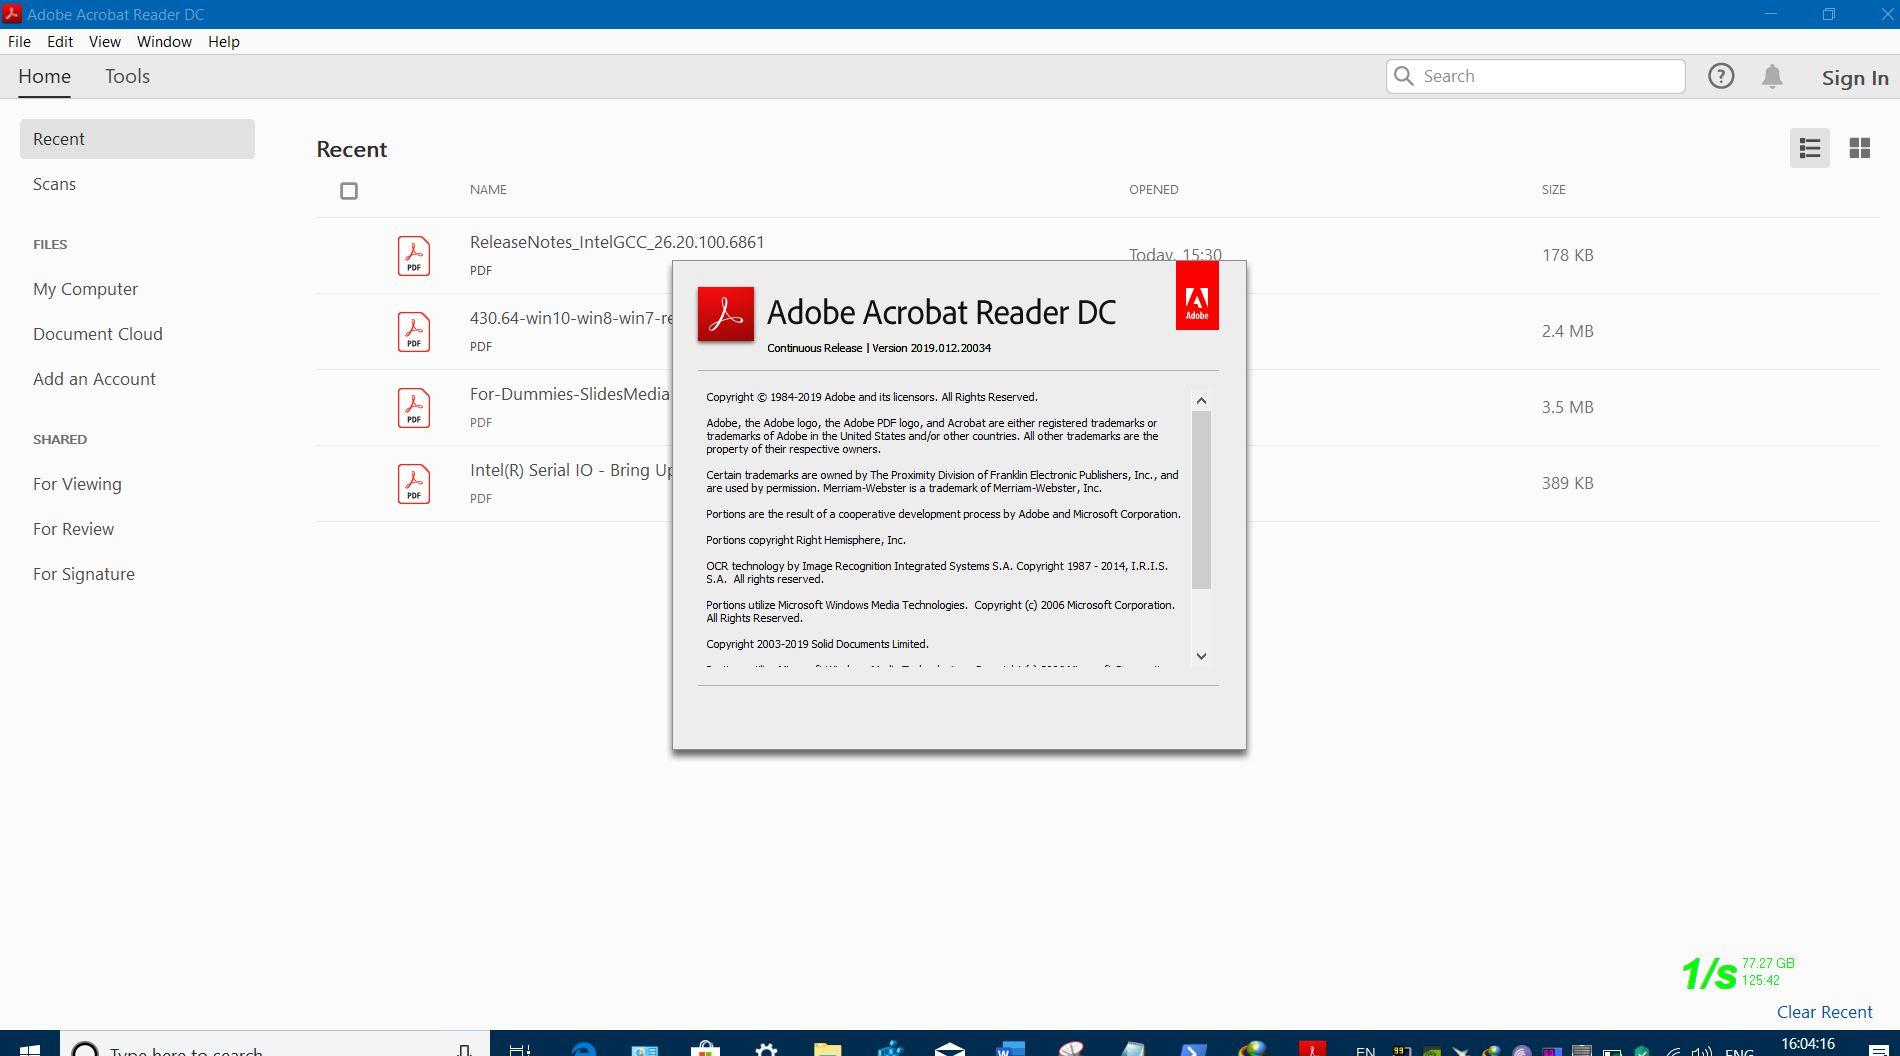 ADOBE RELEASED ACROBAT DC READER v1901220034 FOR WINDOWS CLIENT OS